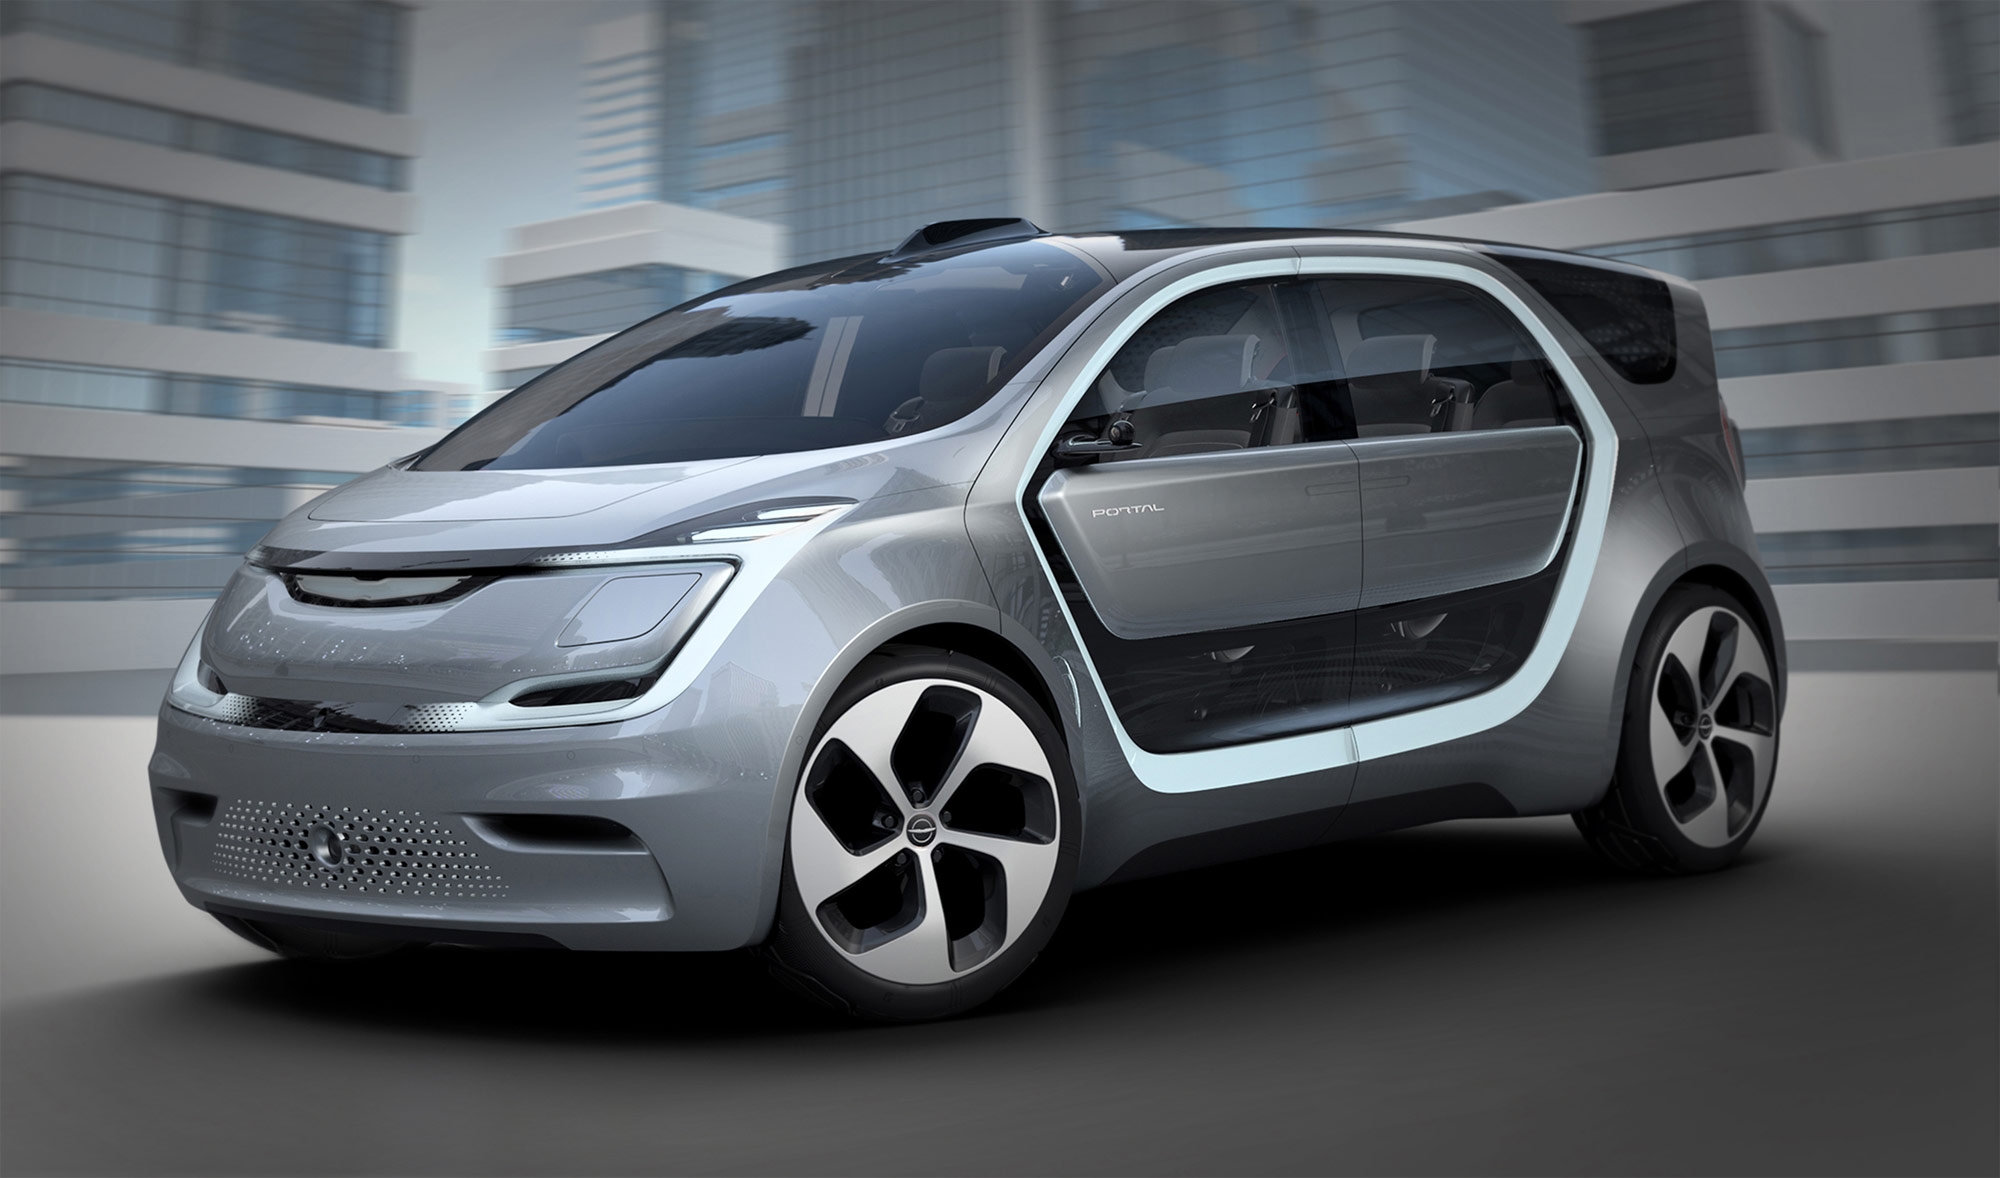 Chrysler's Portal Concept: Semi-Autonomous Driving And 250 Mile Range